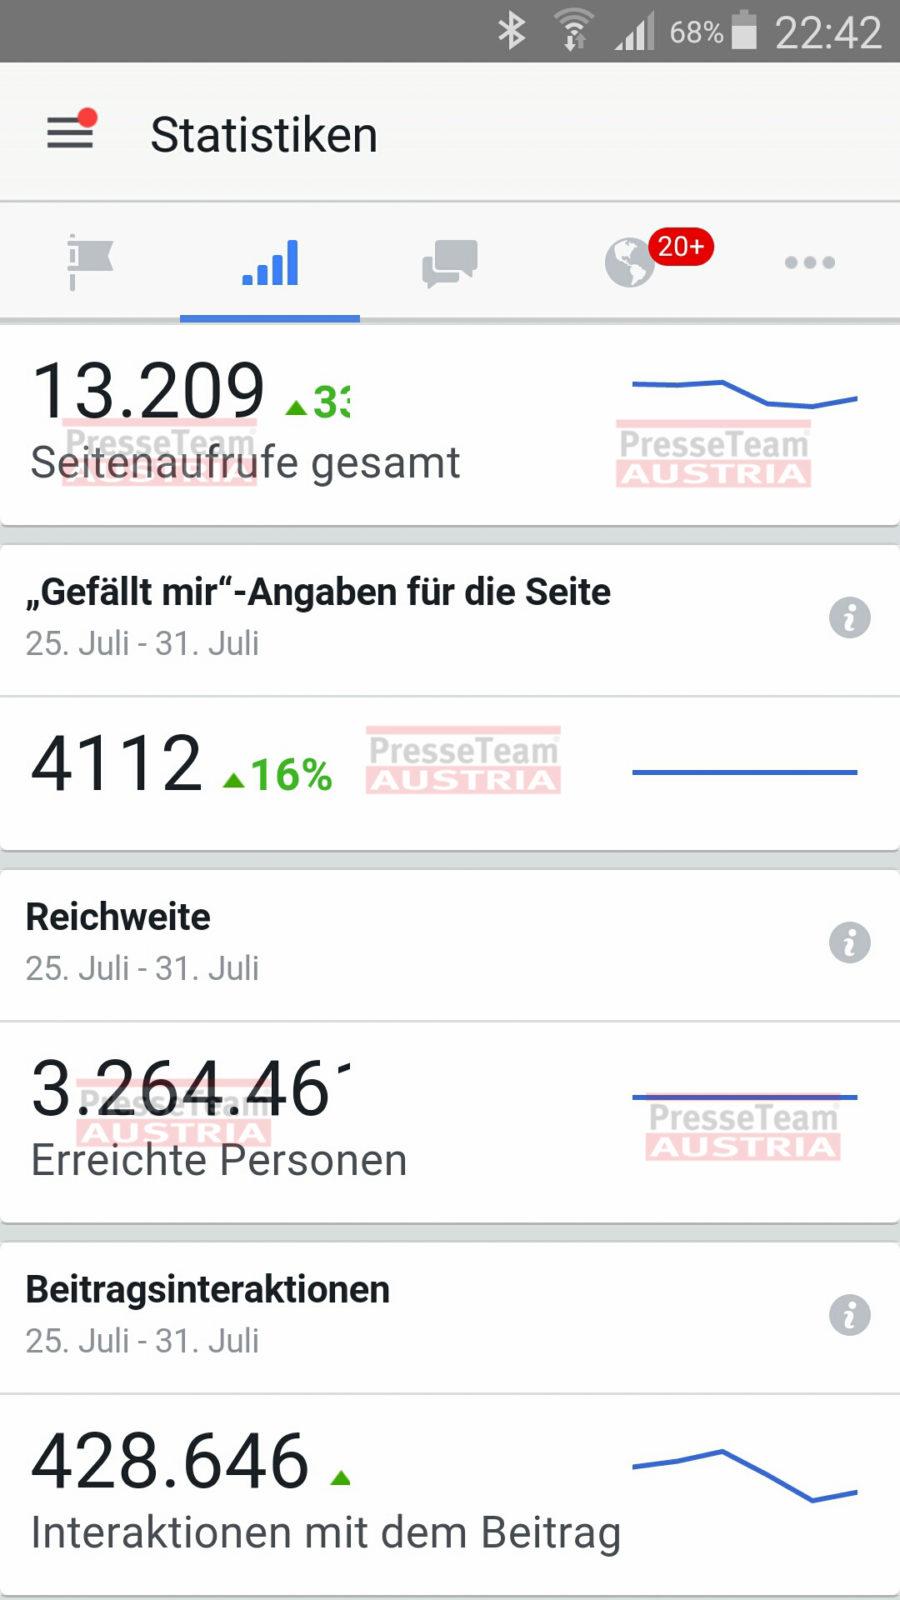 Facebook Marketing Schulung 75 - 10.730.101 Reichweite mit Facebook-Marketing: Der sichere Weg zu Ihrer Zielgruppe!